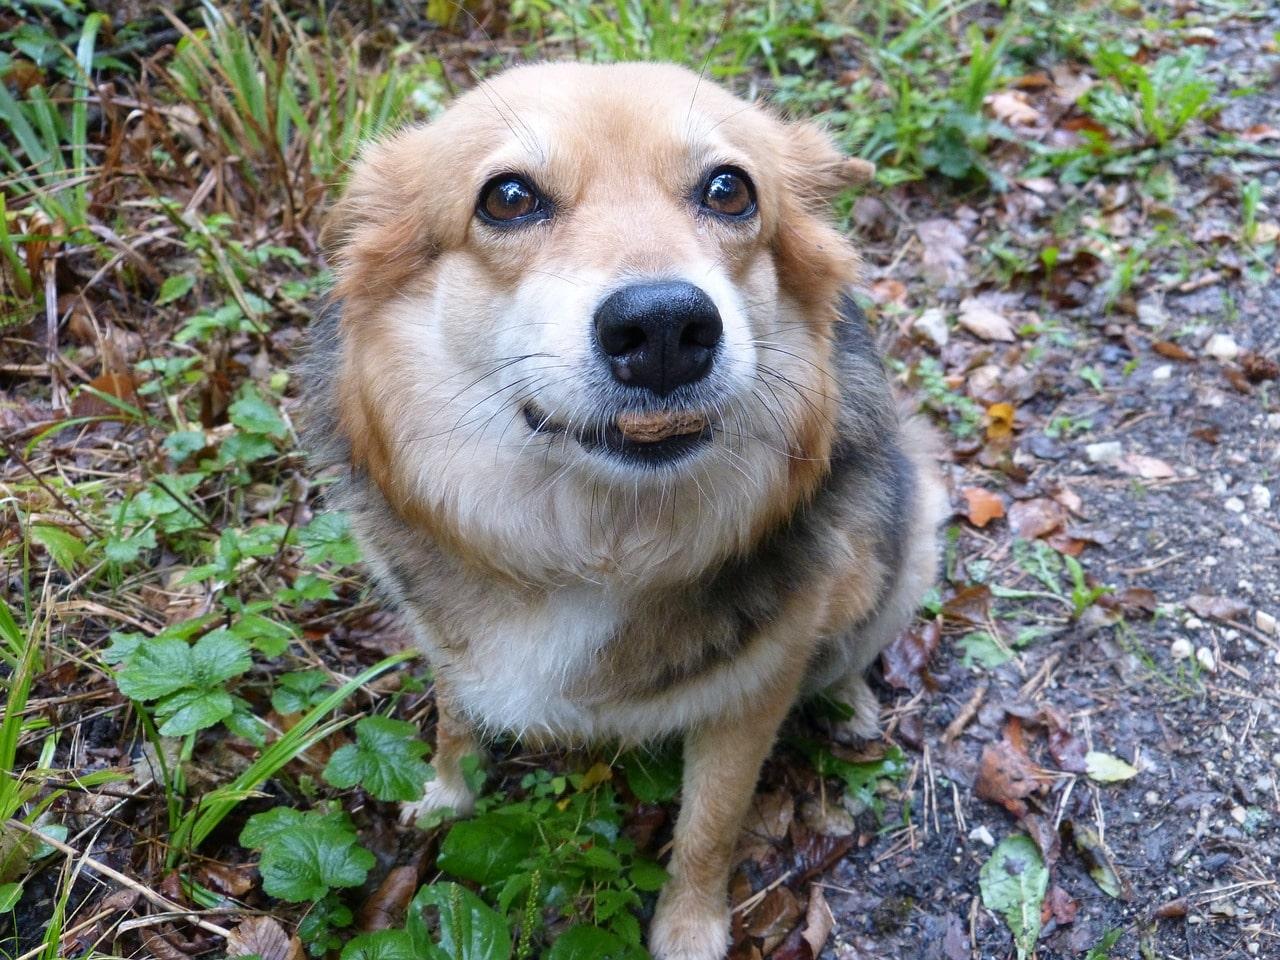 Häufig fressen Hunde, die zu häufig menschliches Essen bekommen, nichts.